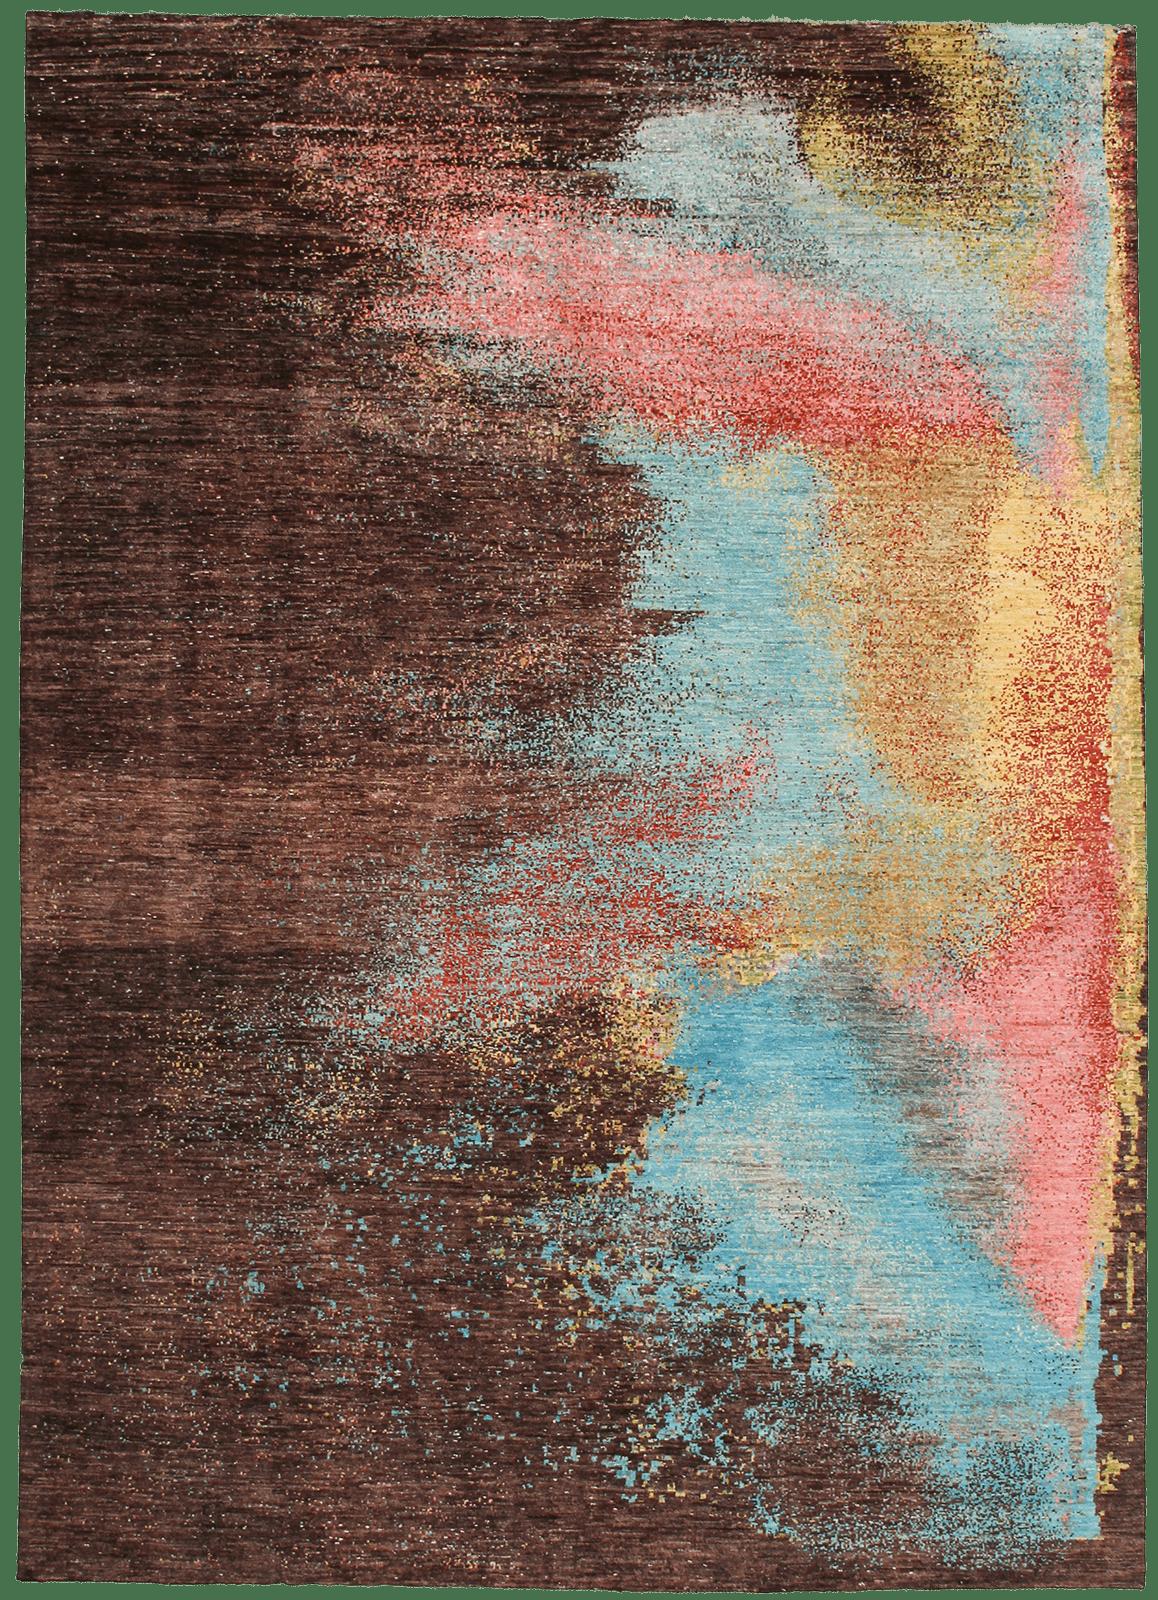 kashkuli-colors-of-space-tapijt-oosterse-perzische-tapijten-luxe-exclusieve-vloerkleden-koreman-maastricht